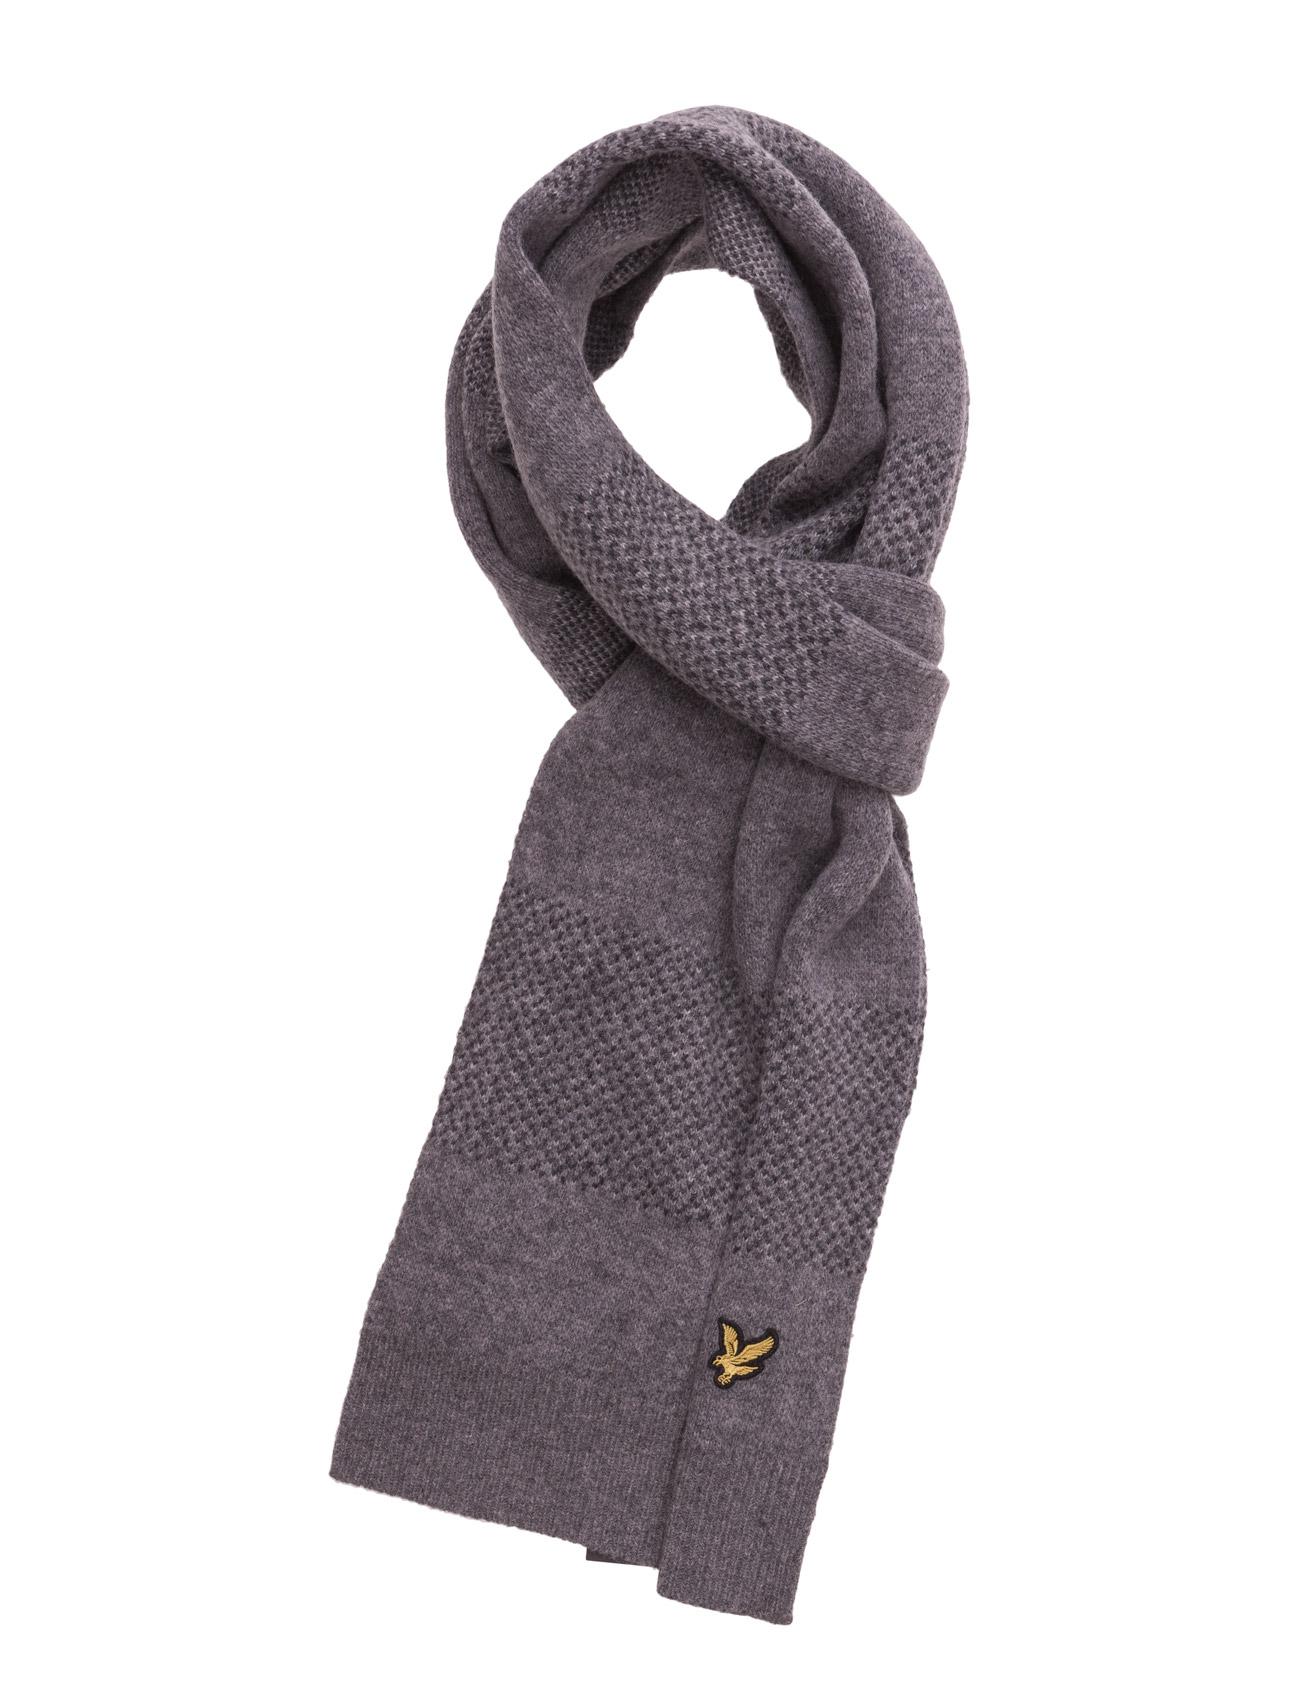 Birdseye Knitted Scarf Lyle & Scott Halstørklæder til Mænd i Navy blå